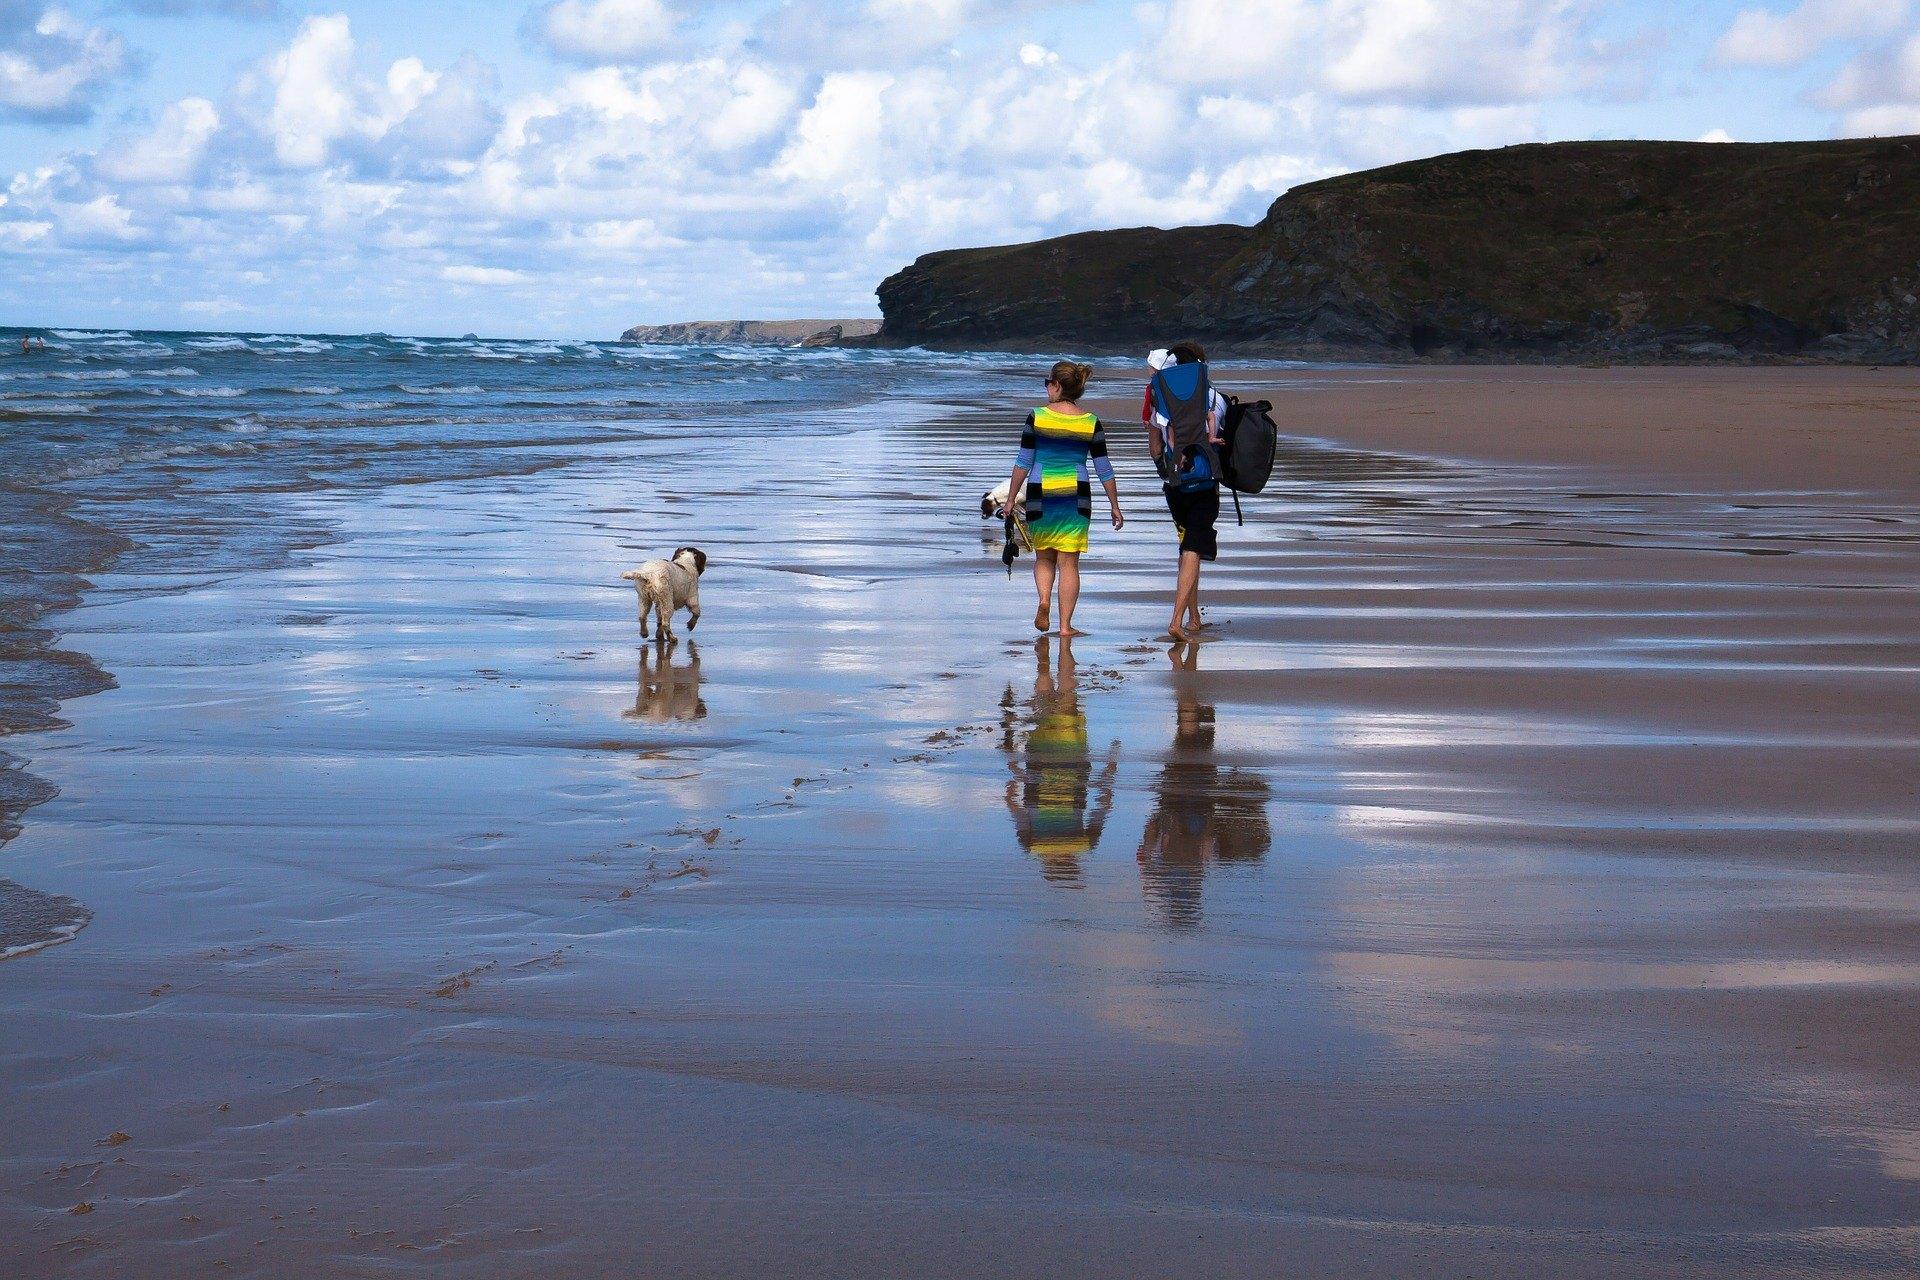 Ein Ausflug mit einem Hund ans Meer erfordert aufgrund der Sicherheit des Haustieres und des Komforts anderer Urlauber eine sorgfältige Vorbereitung.